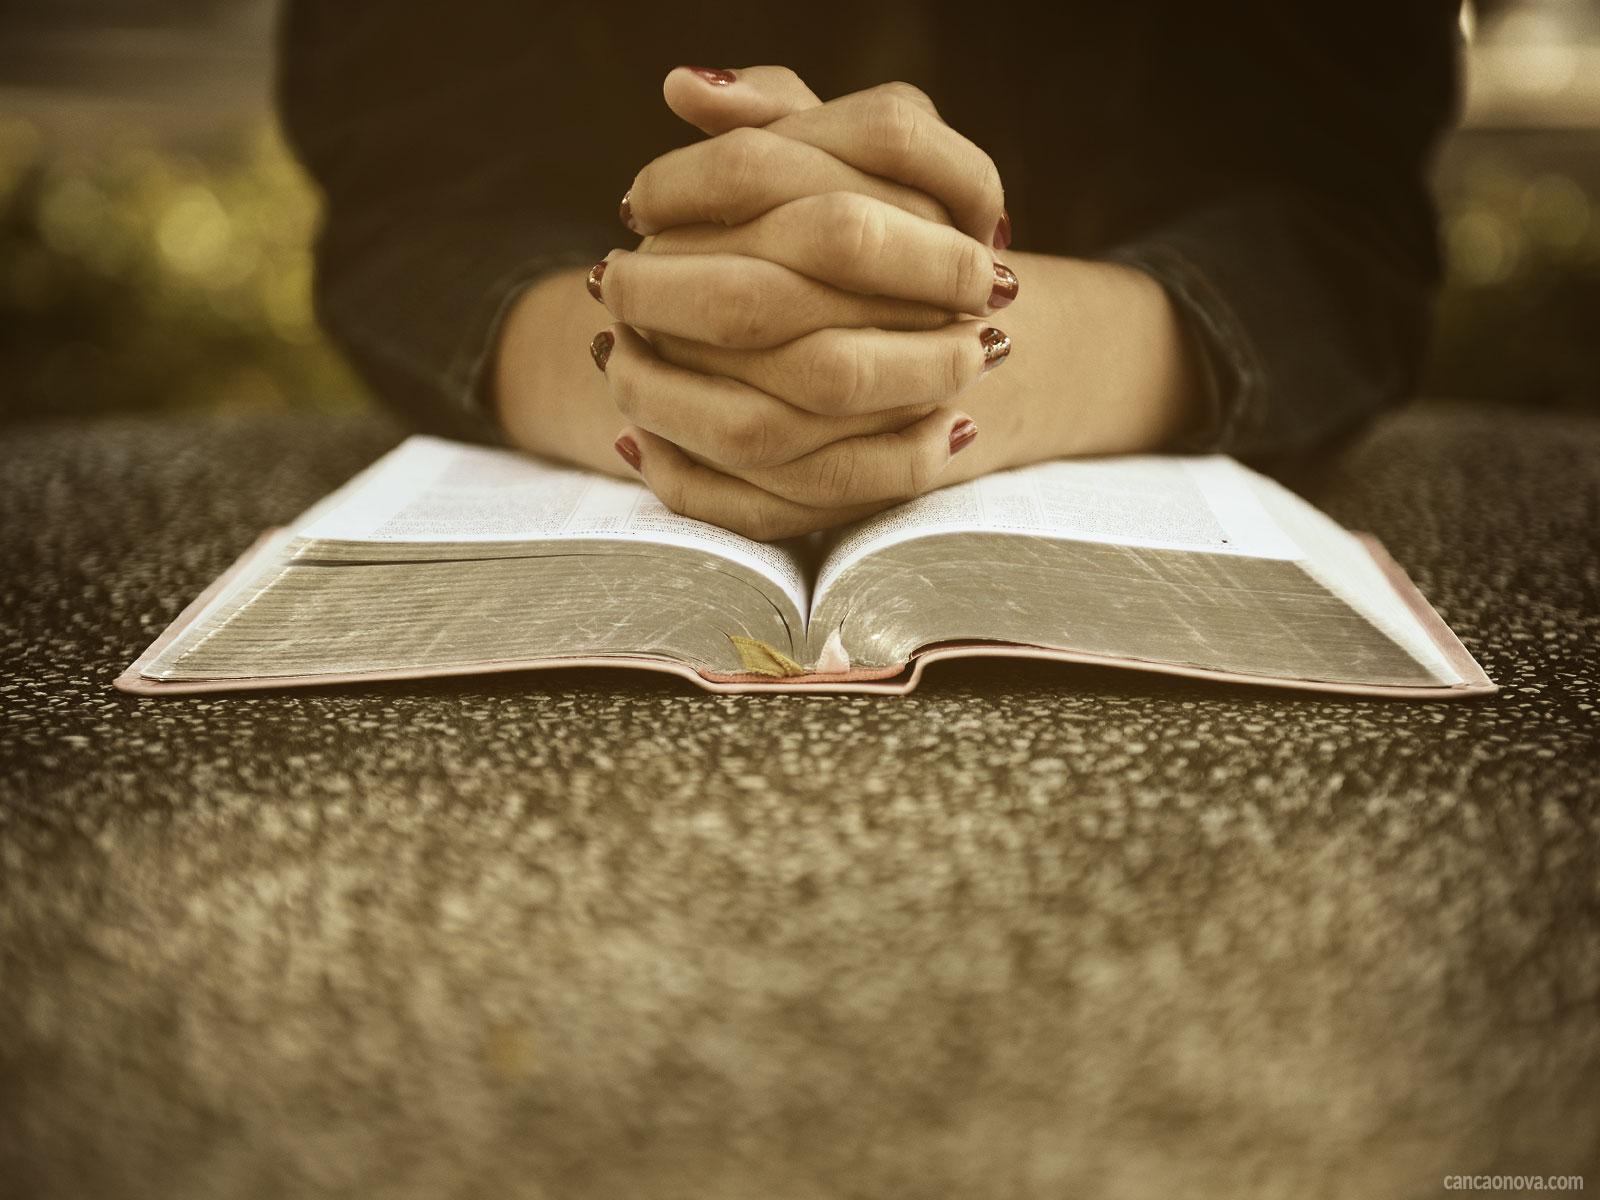 Namoro de acordo com a bíblia